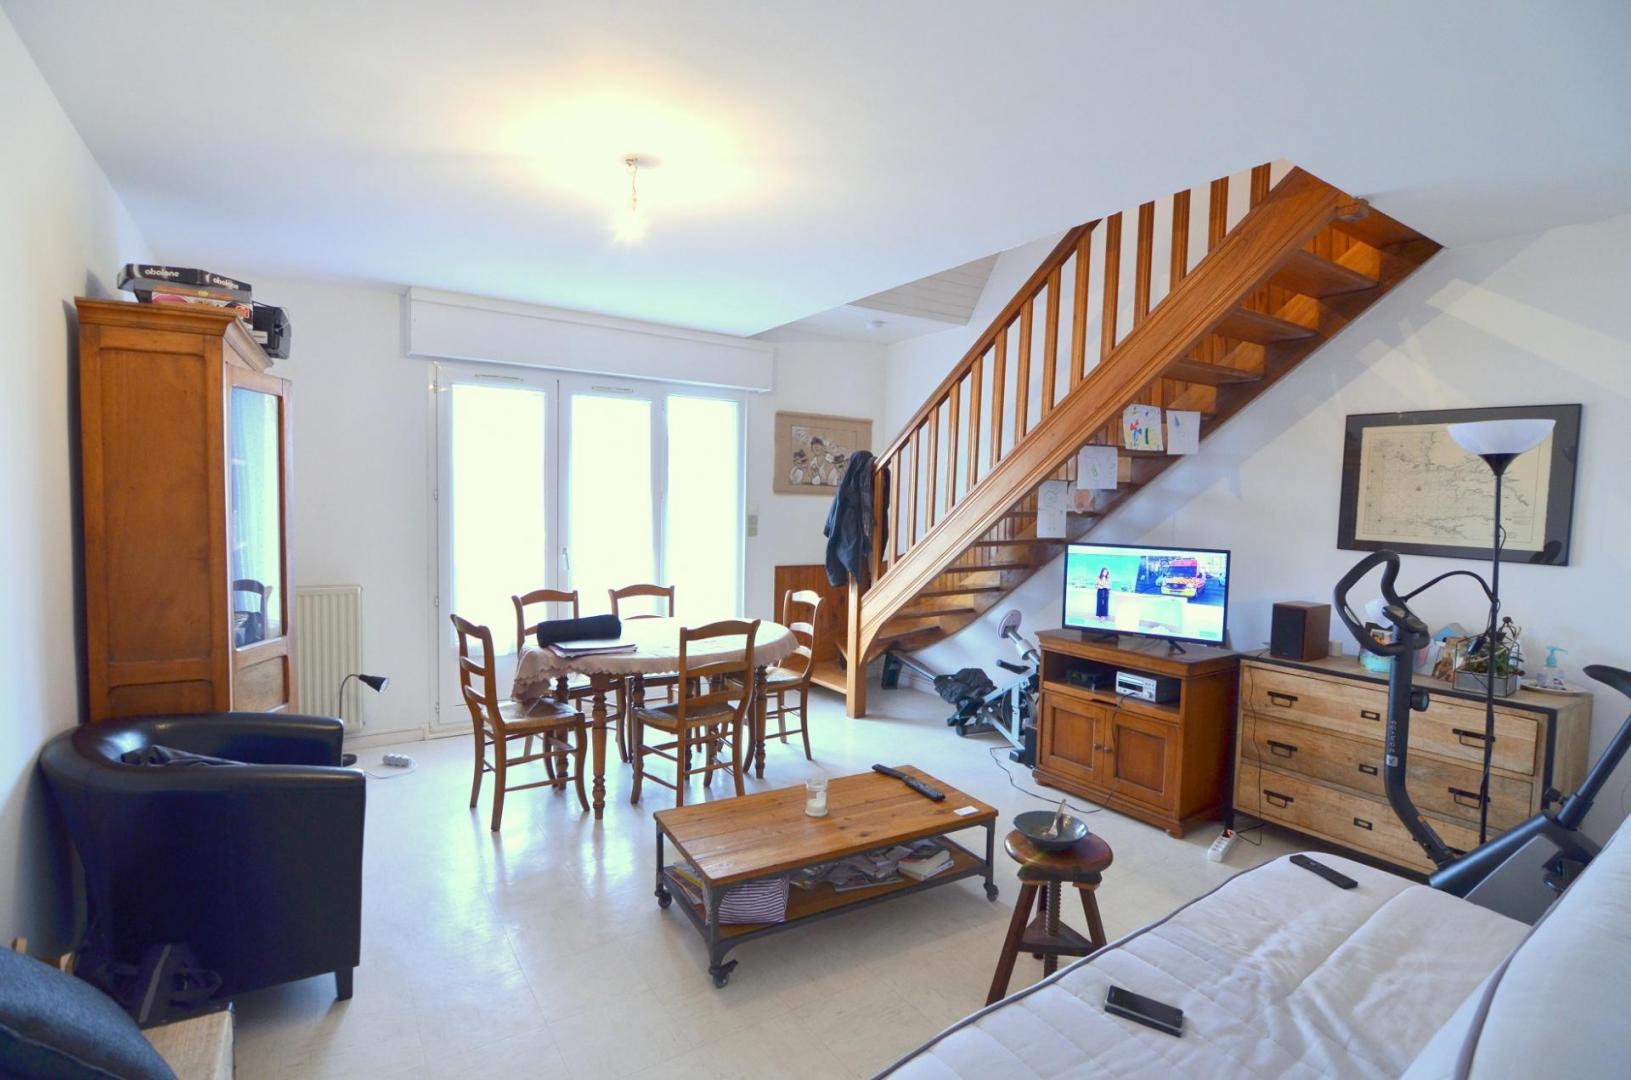 BREST : ravissant appartement duplex avec balcon, 3 chambres, un bureau et parking privatif